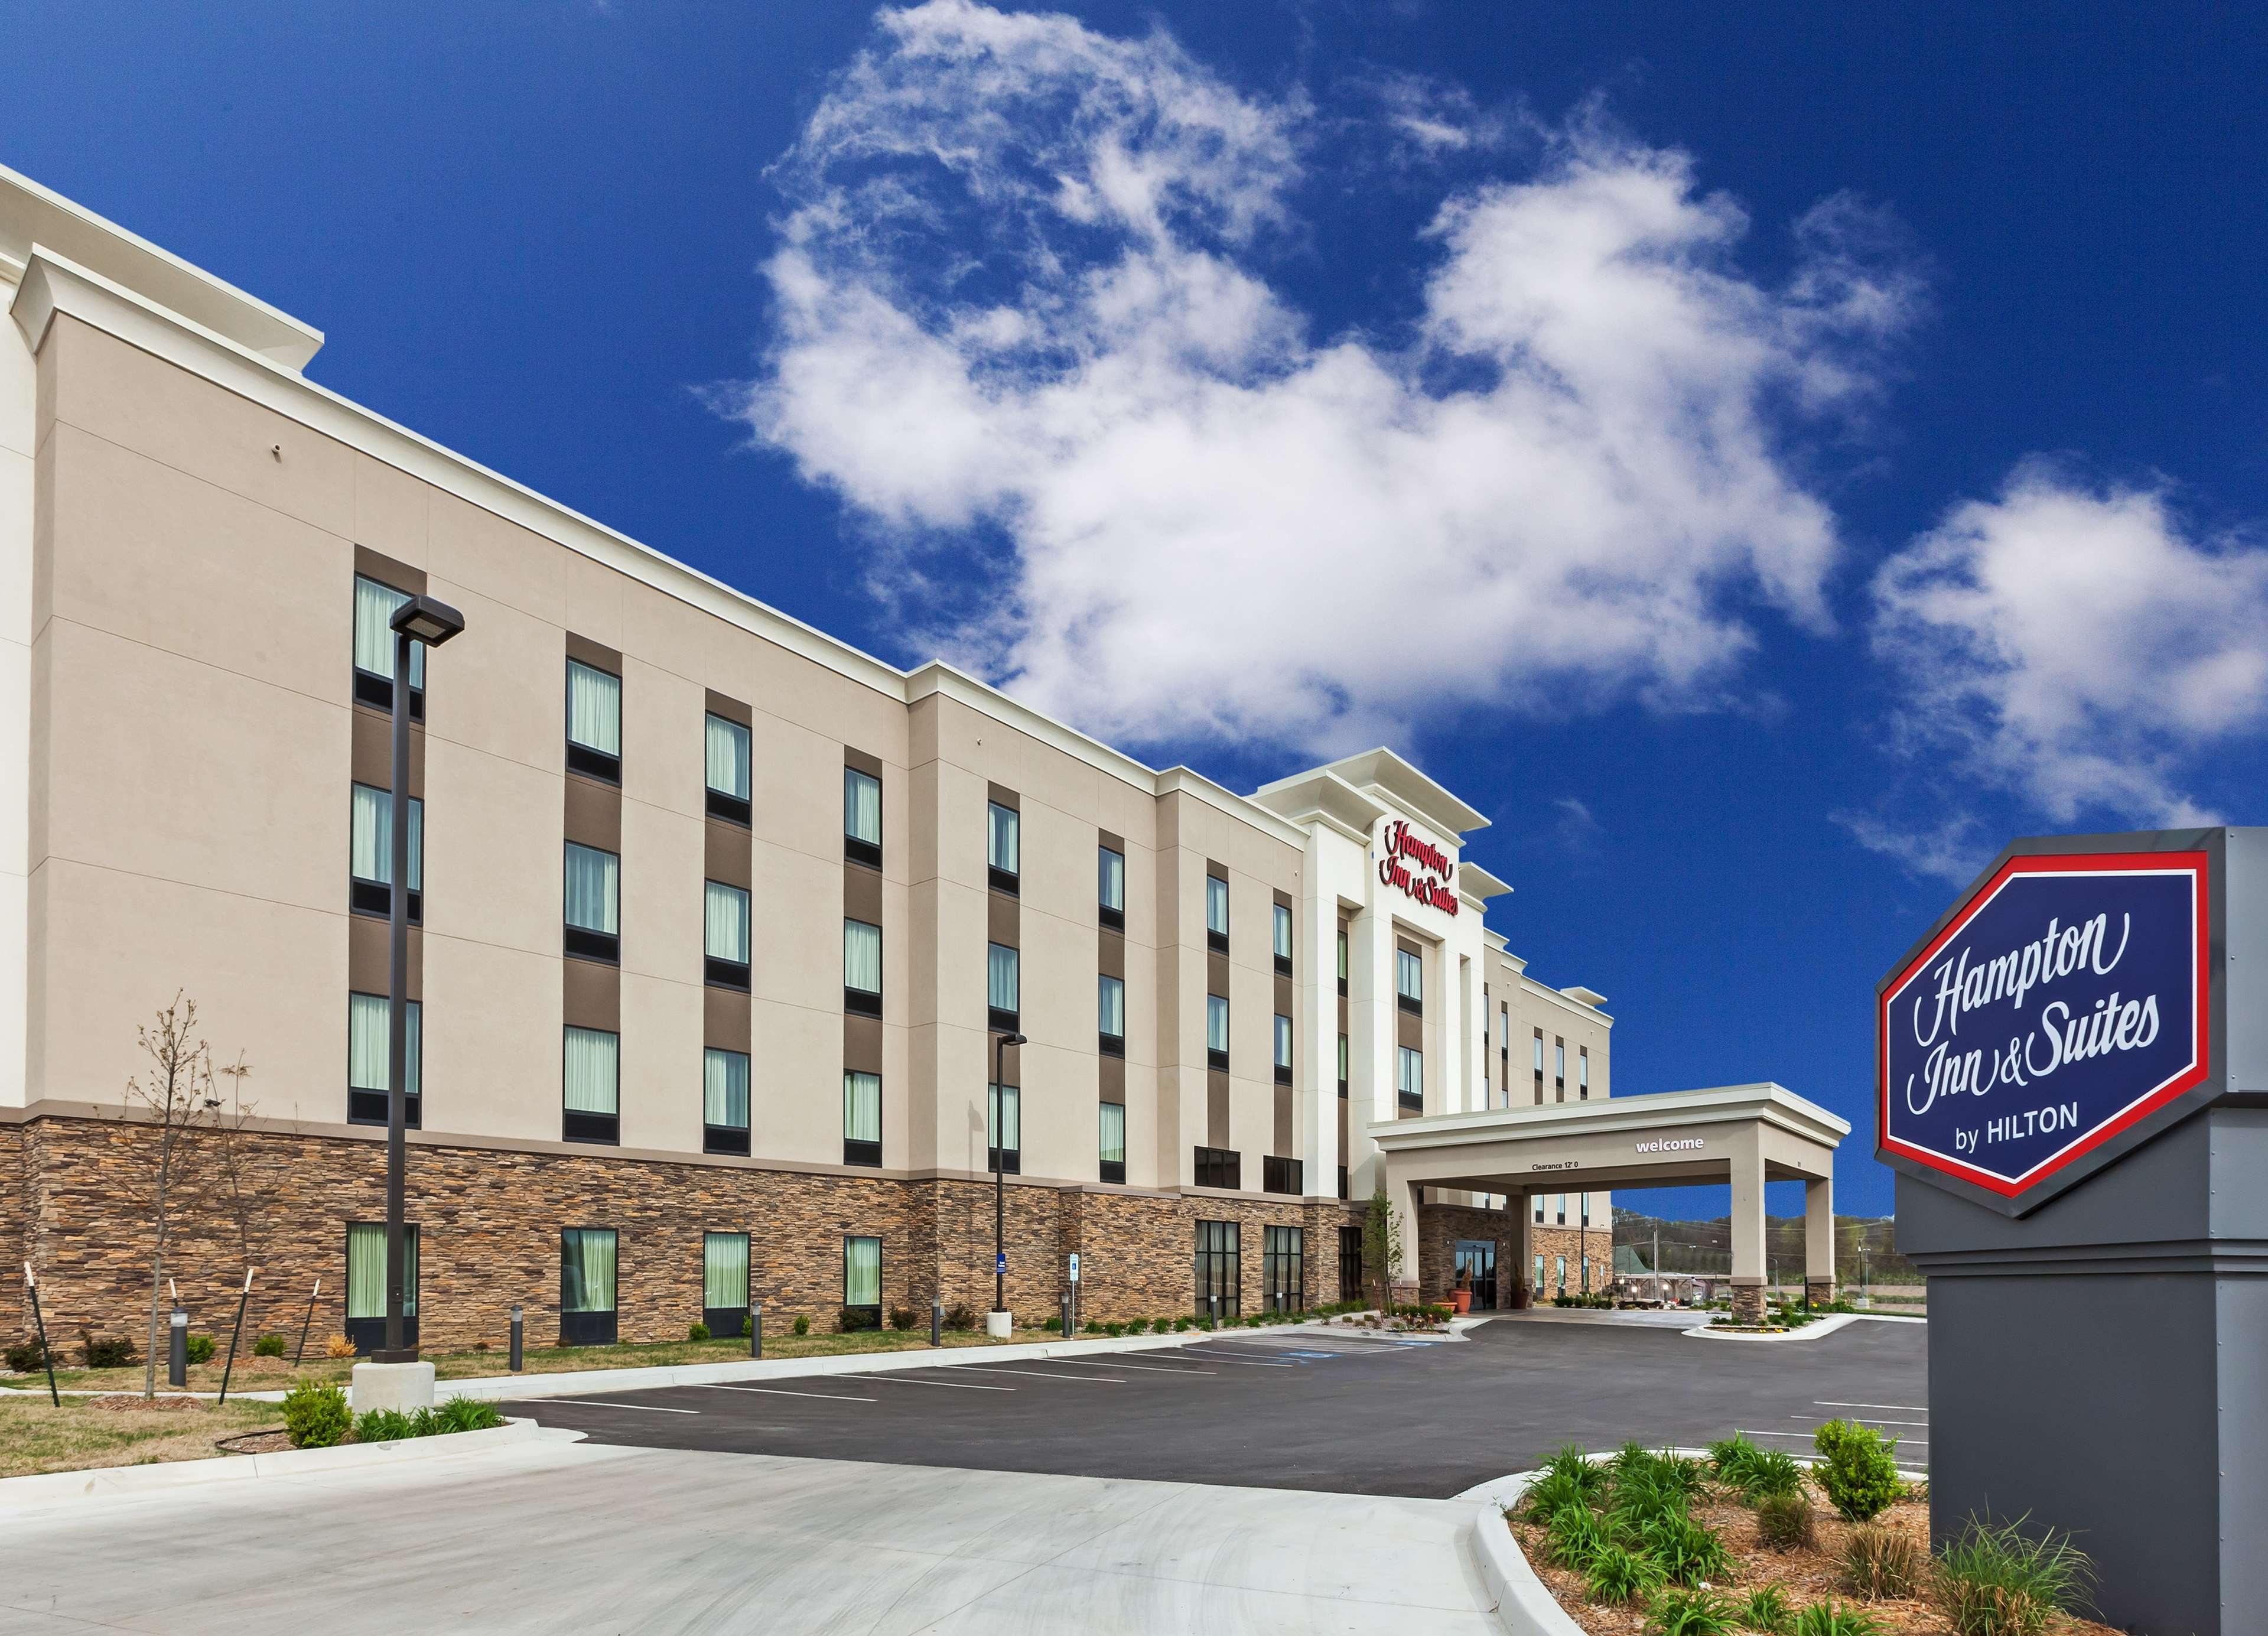 Hampton Inn & Suites Claremore image 1